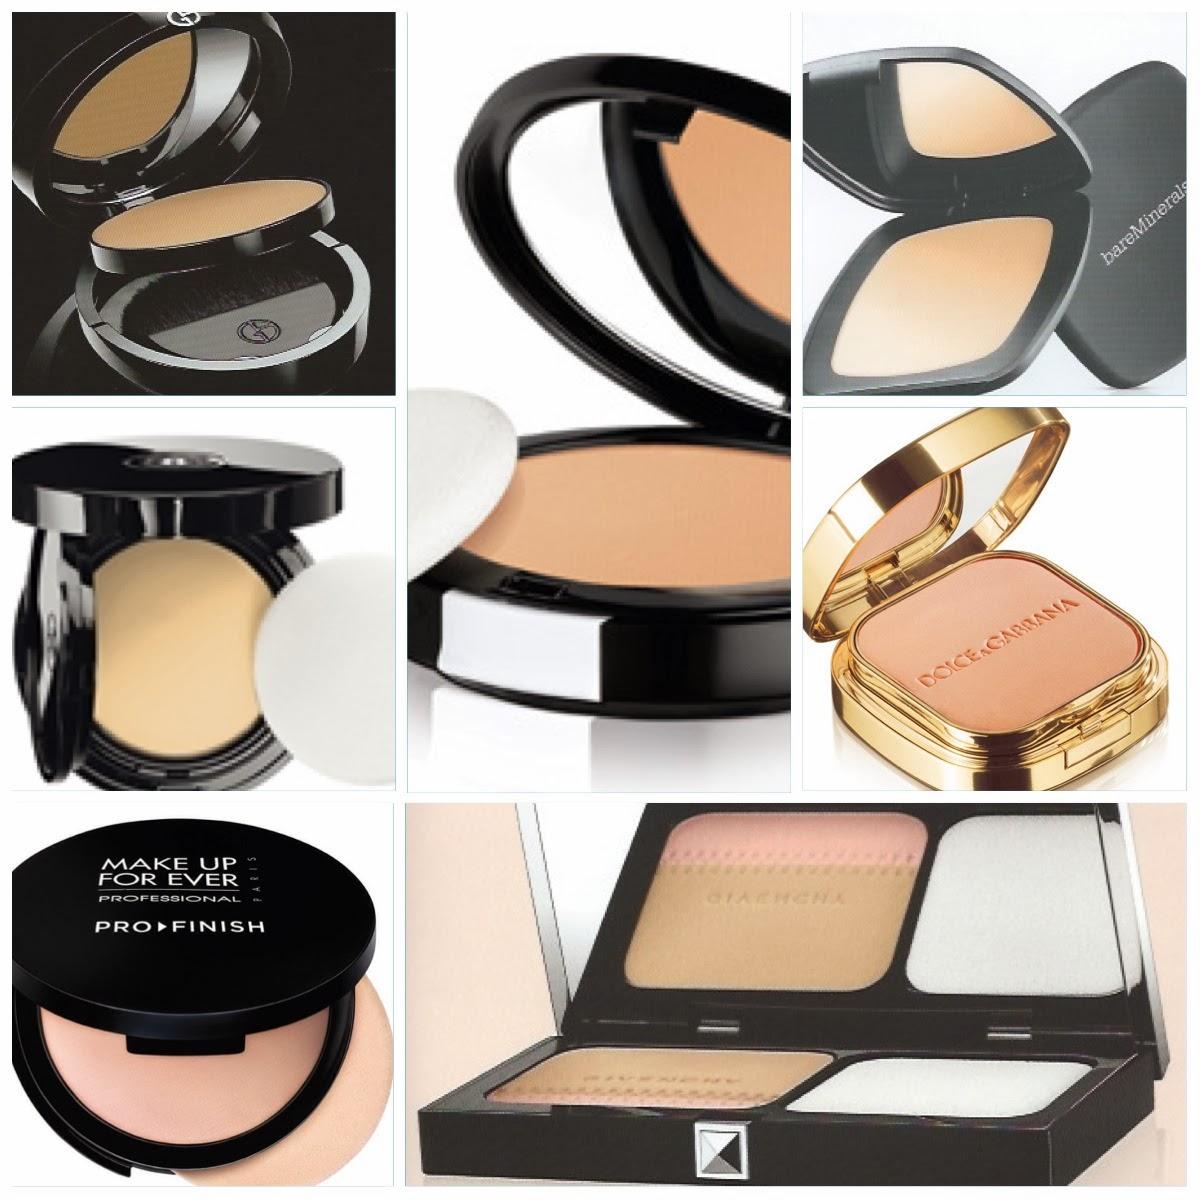 Giorgio Armani  Maria Galland   BareMinerals. Chanel   Dolce   Gabbana Make  Up For Ever   Givenchy 0edd4b60faad